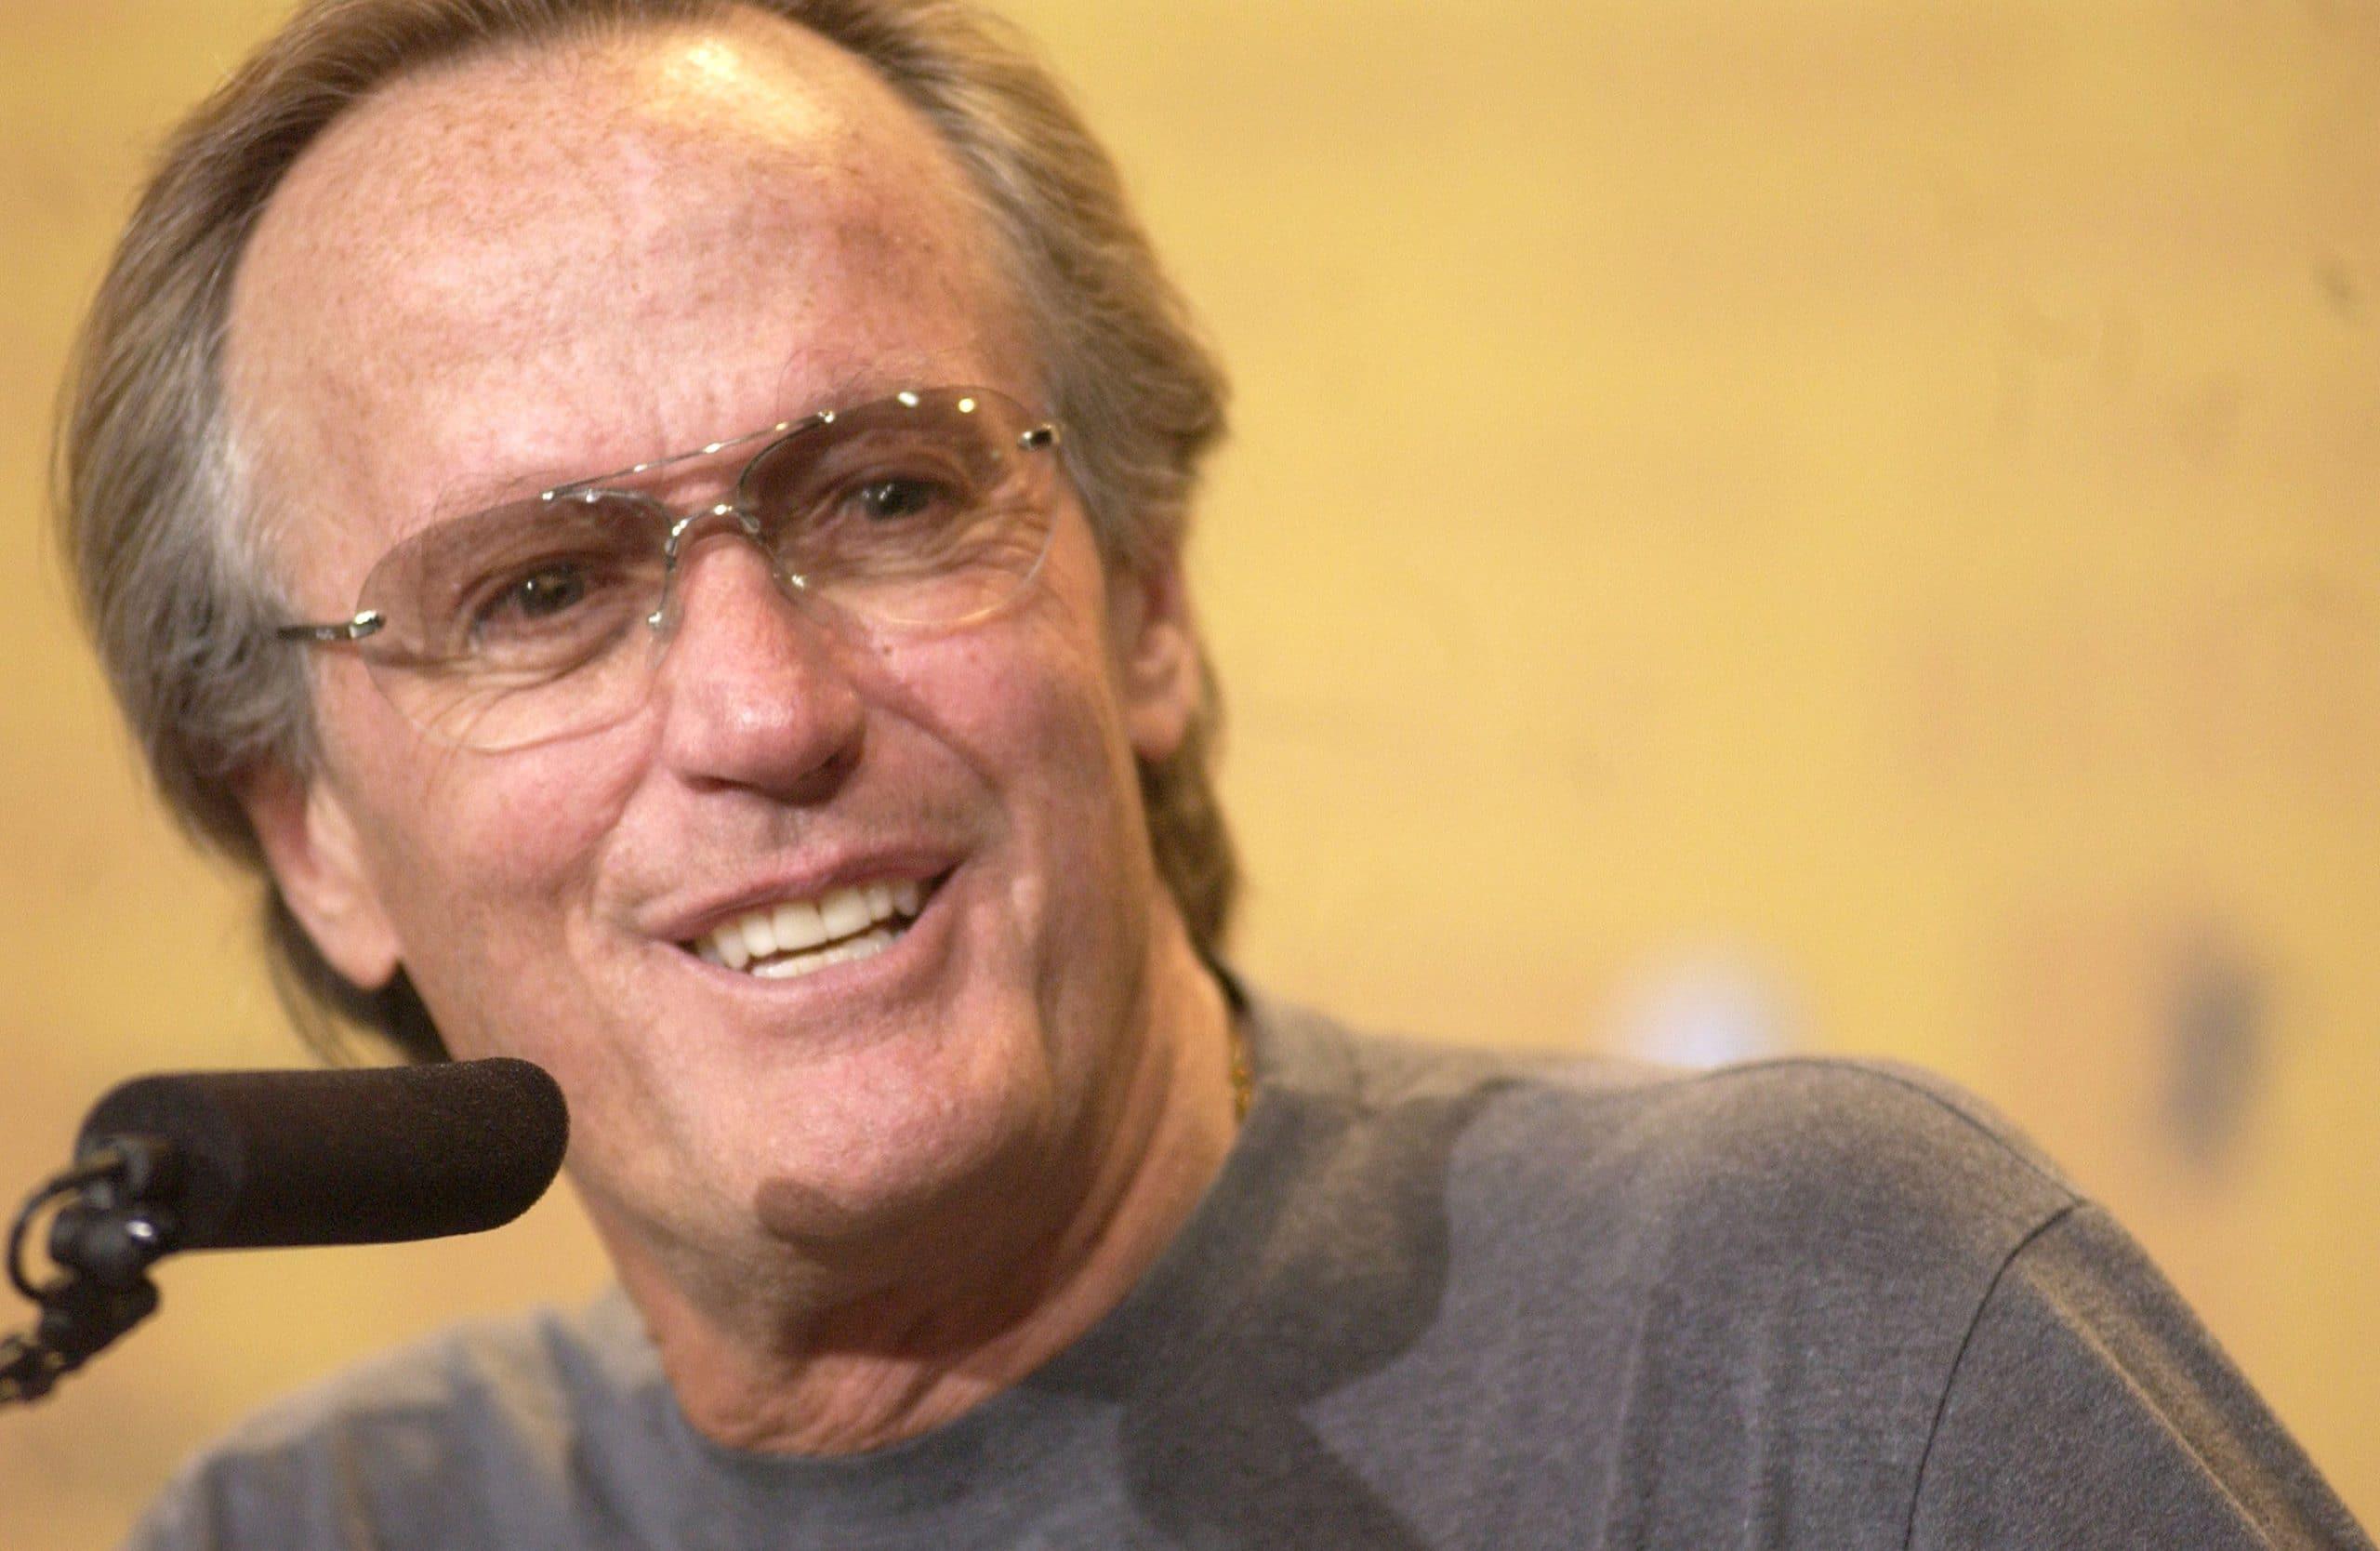 Peter Fonda American Actor, Director and Screenwriter